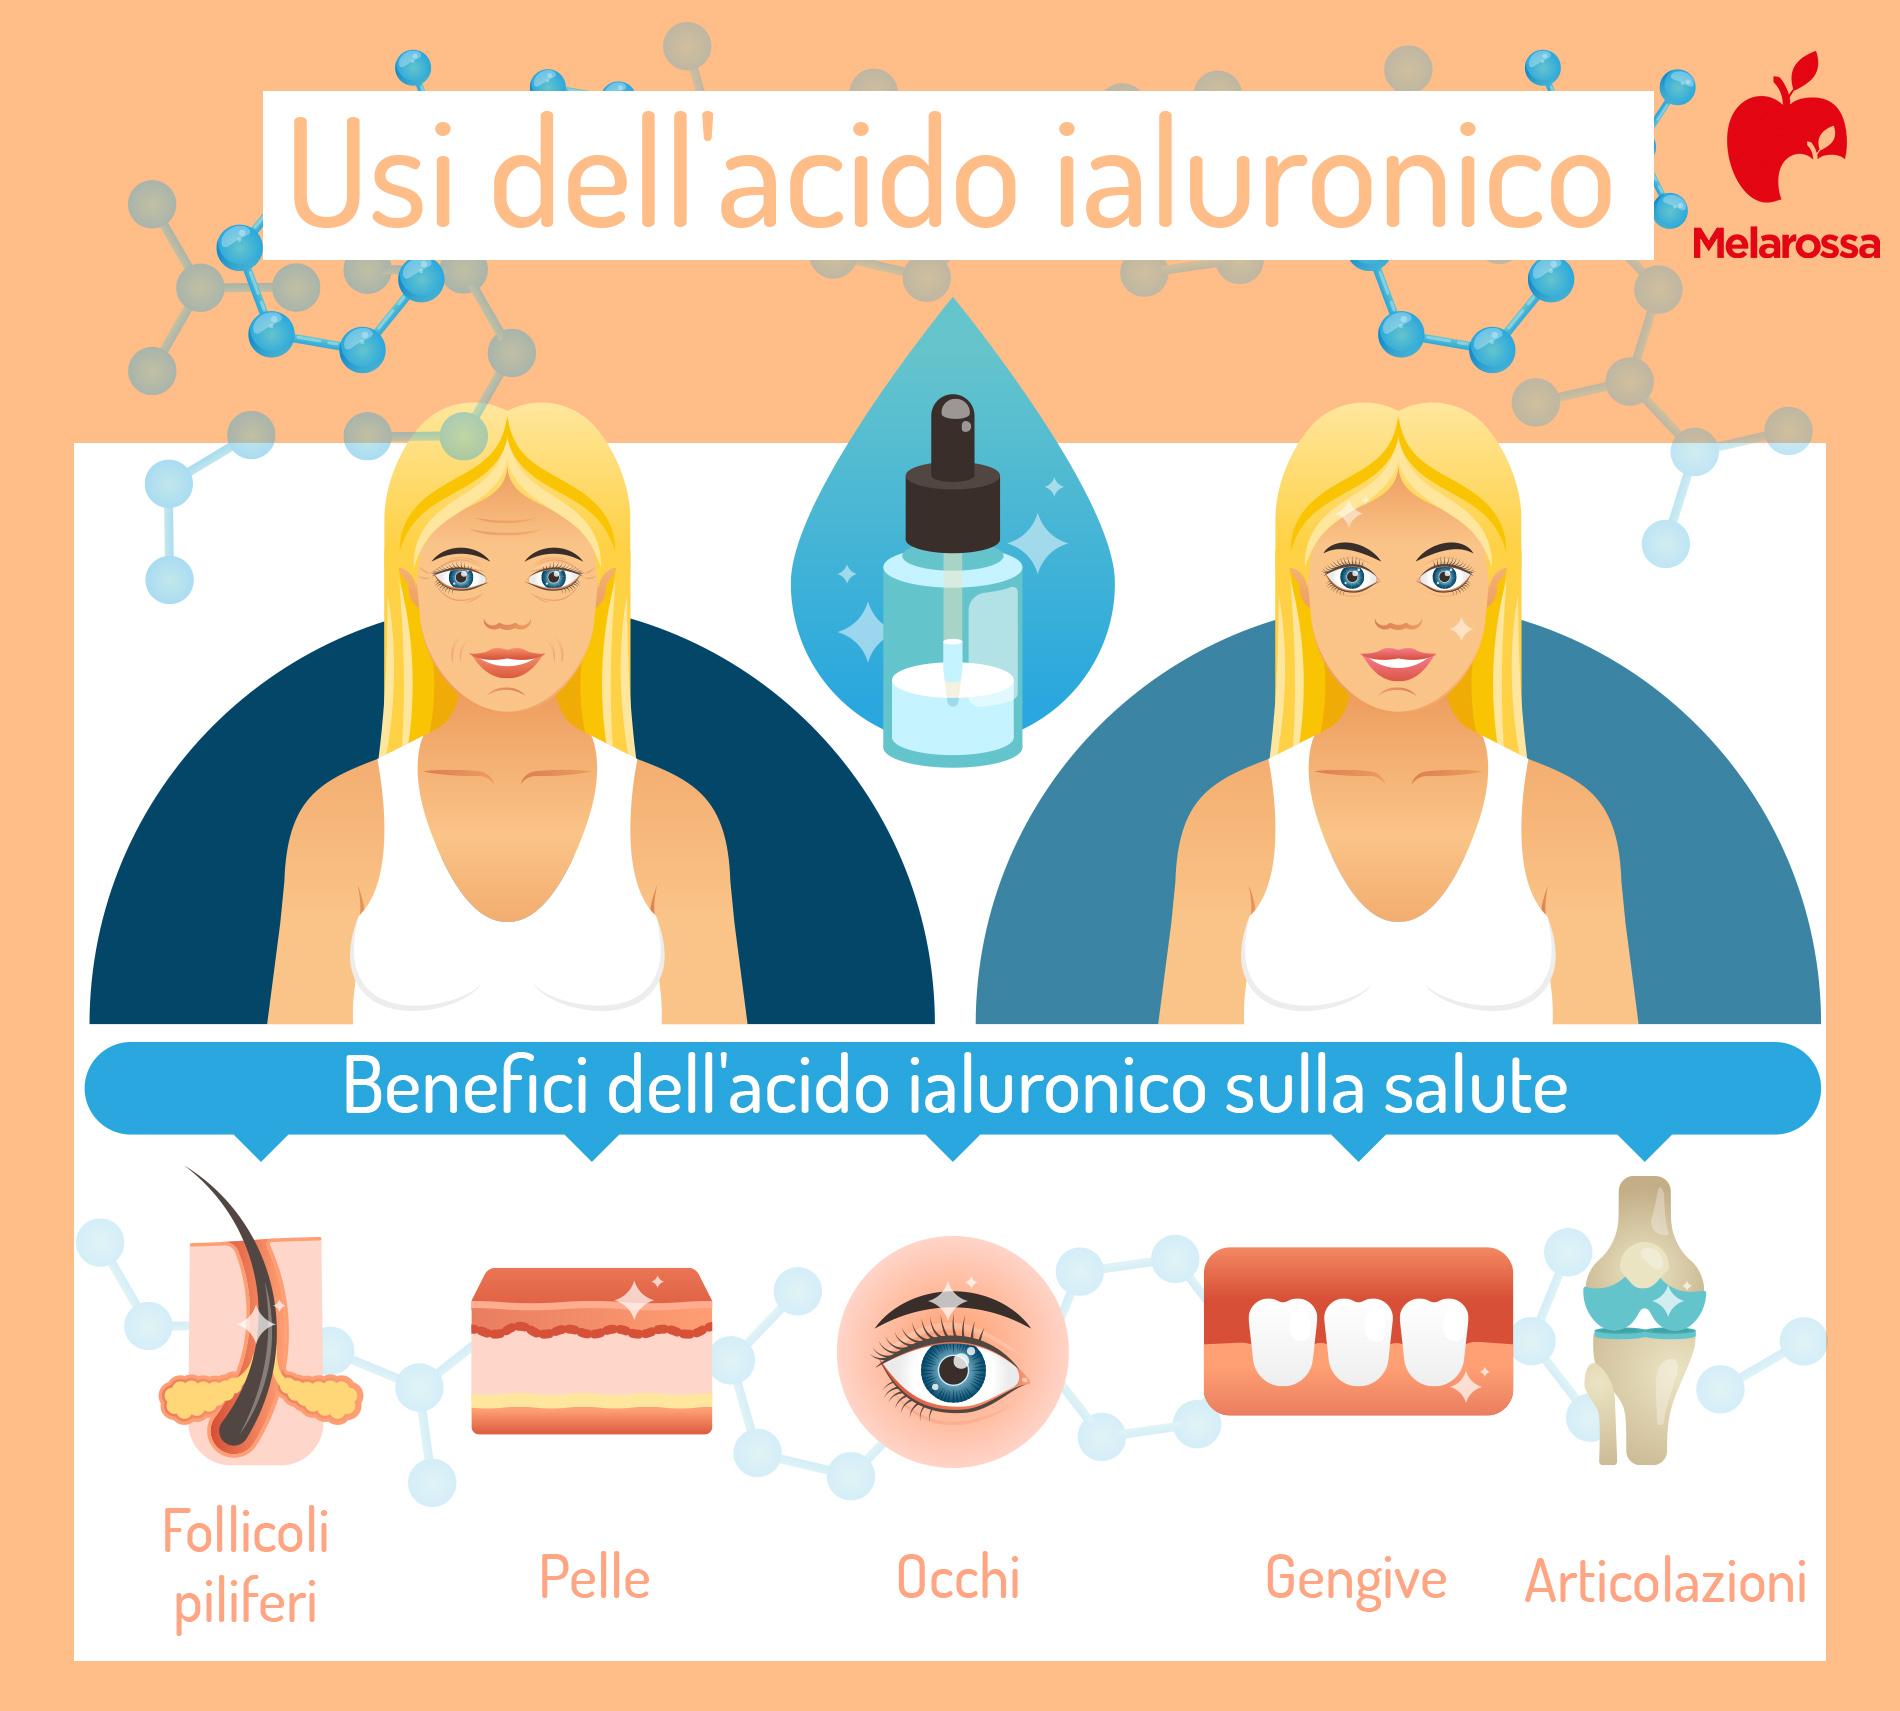 usi e benefici dell'acido ialuronico